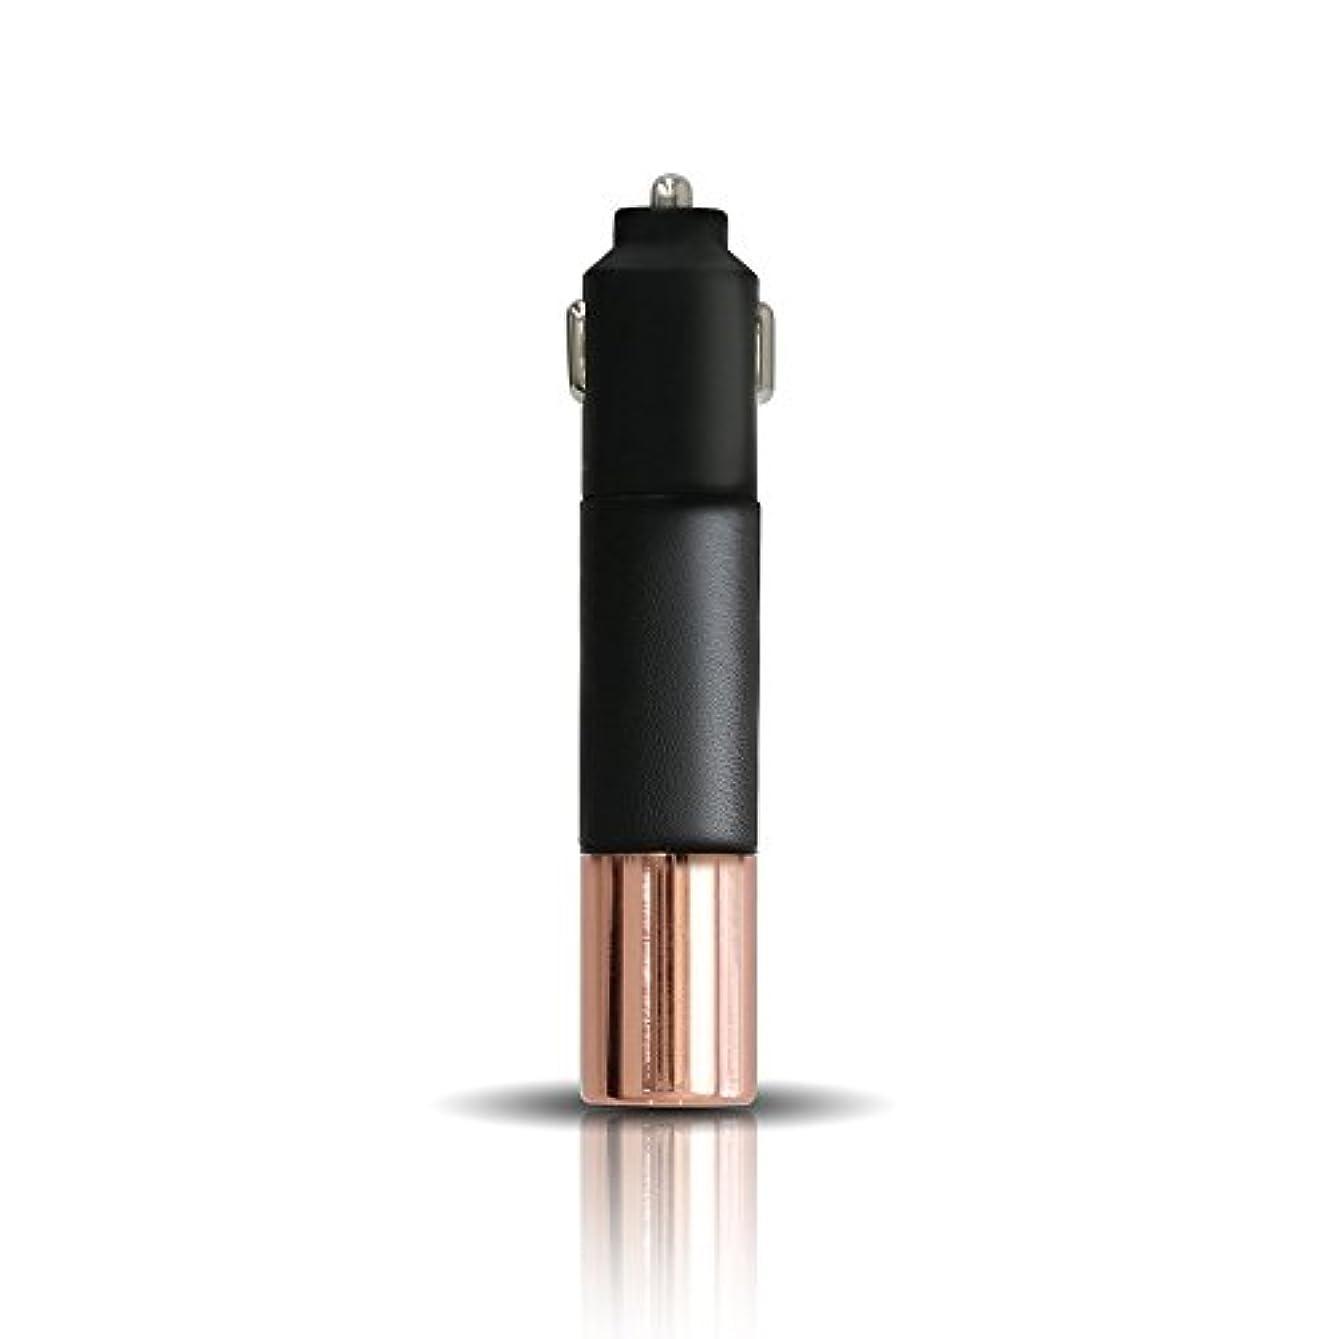 思い出す取り壊す淡いPRISMATE(プリズメイト) Driving Aroma Diffuser Leather and Metal PR-AD02C (BK(ブラック))